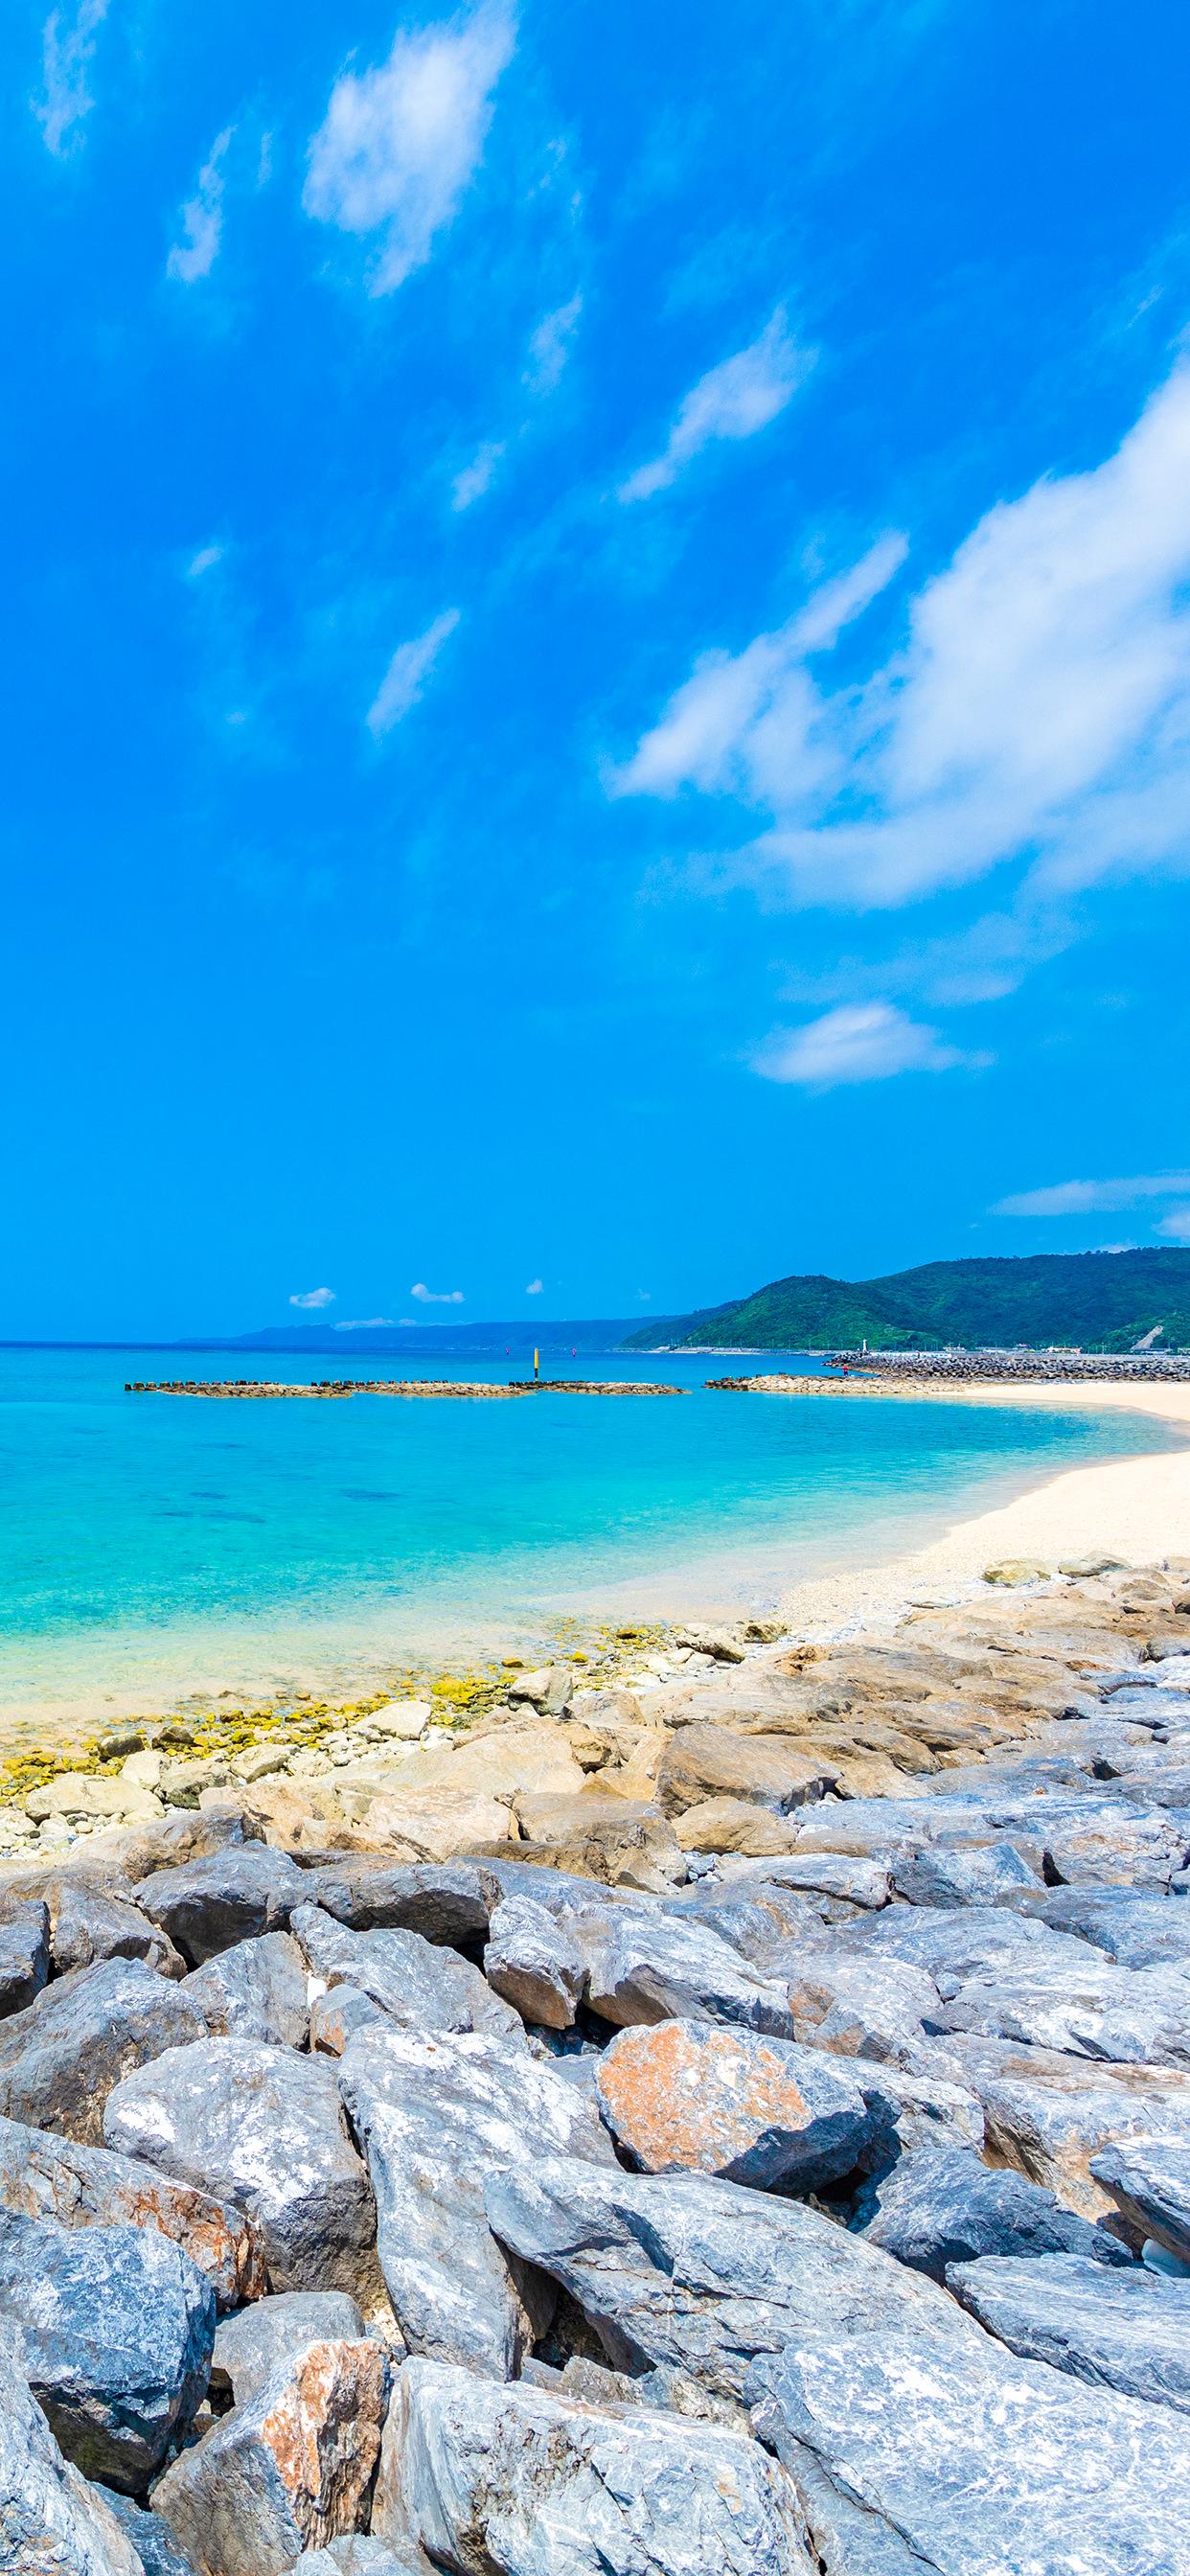 沖縄の海のiphoneスマホ無料壁紙 待ち受け 6291 フォトック